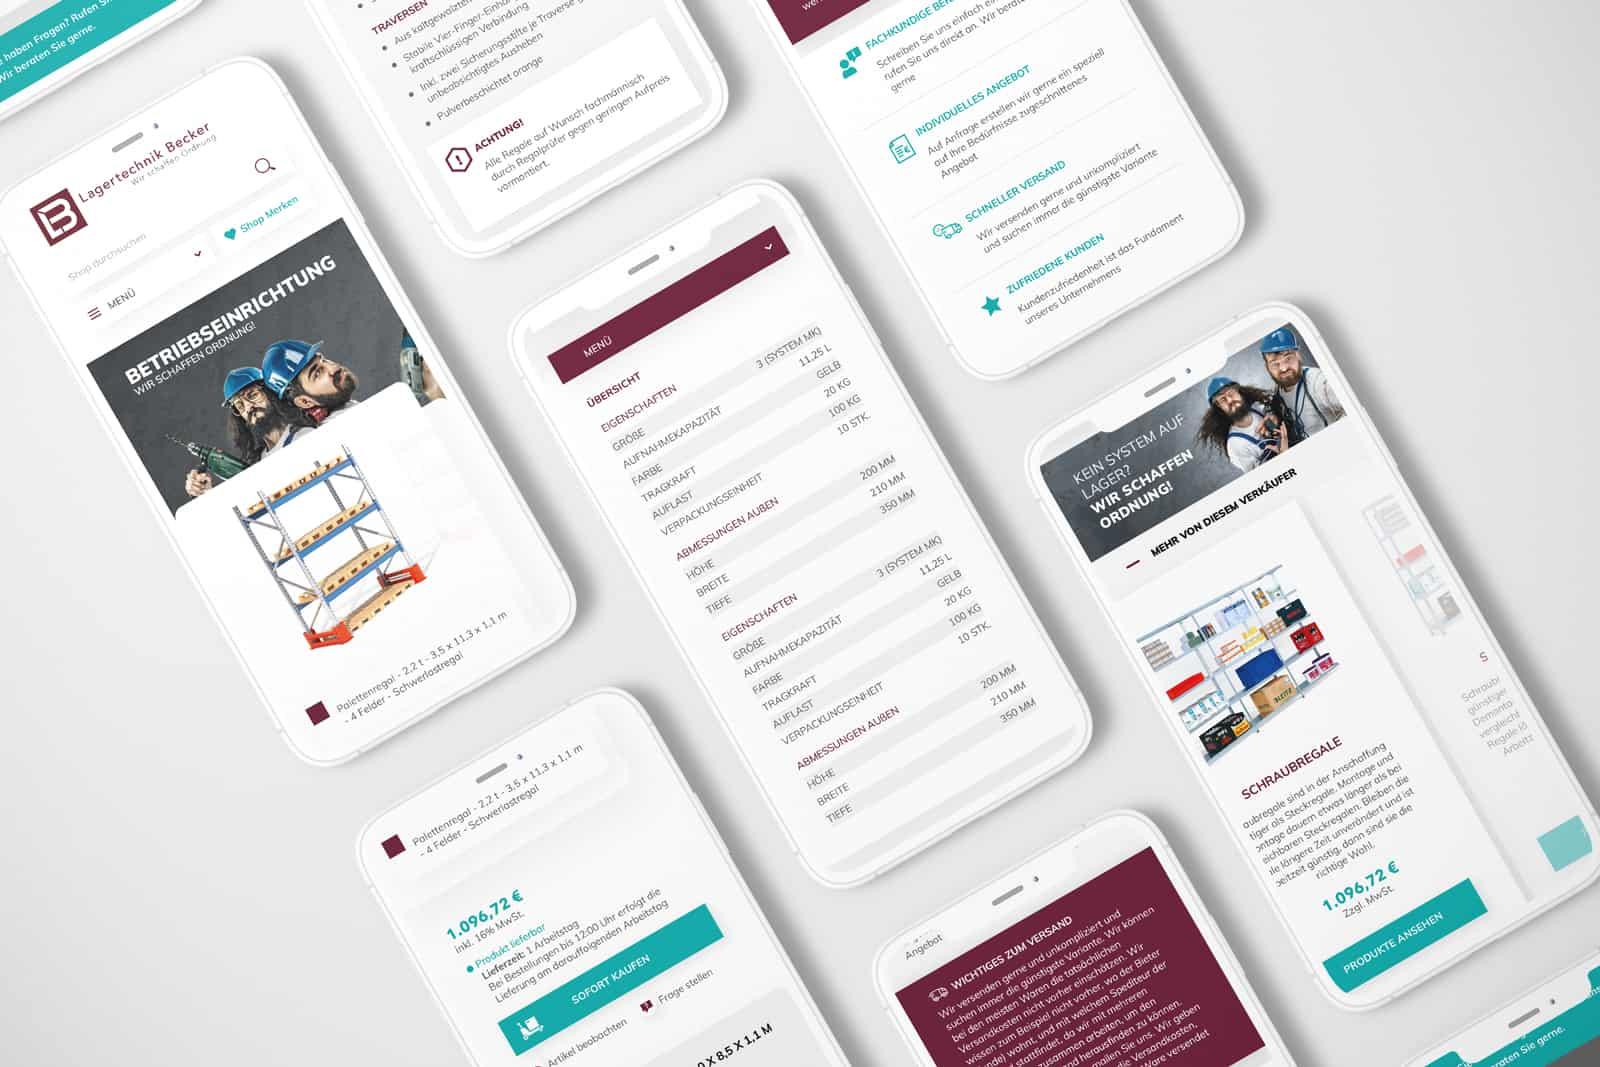 Lagertechnik-Becker-GmbH_Ebayshop_Design_mobile-Ansicht